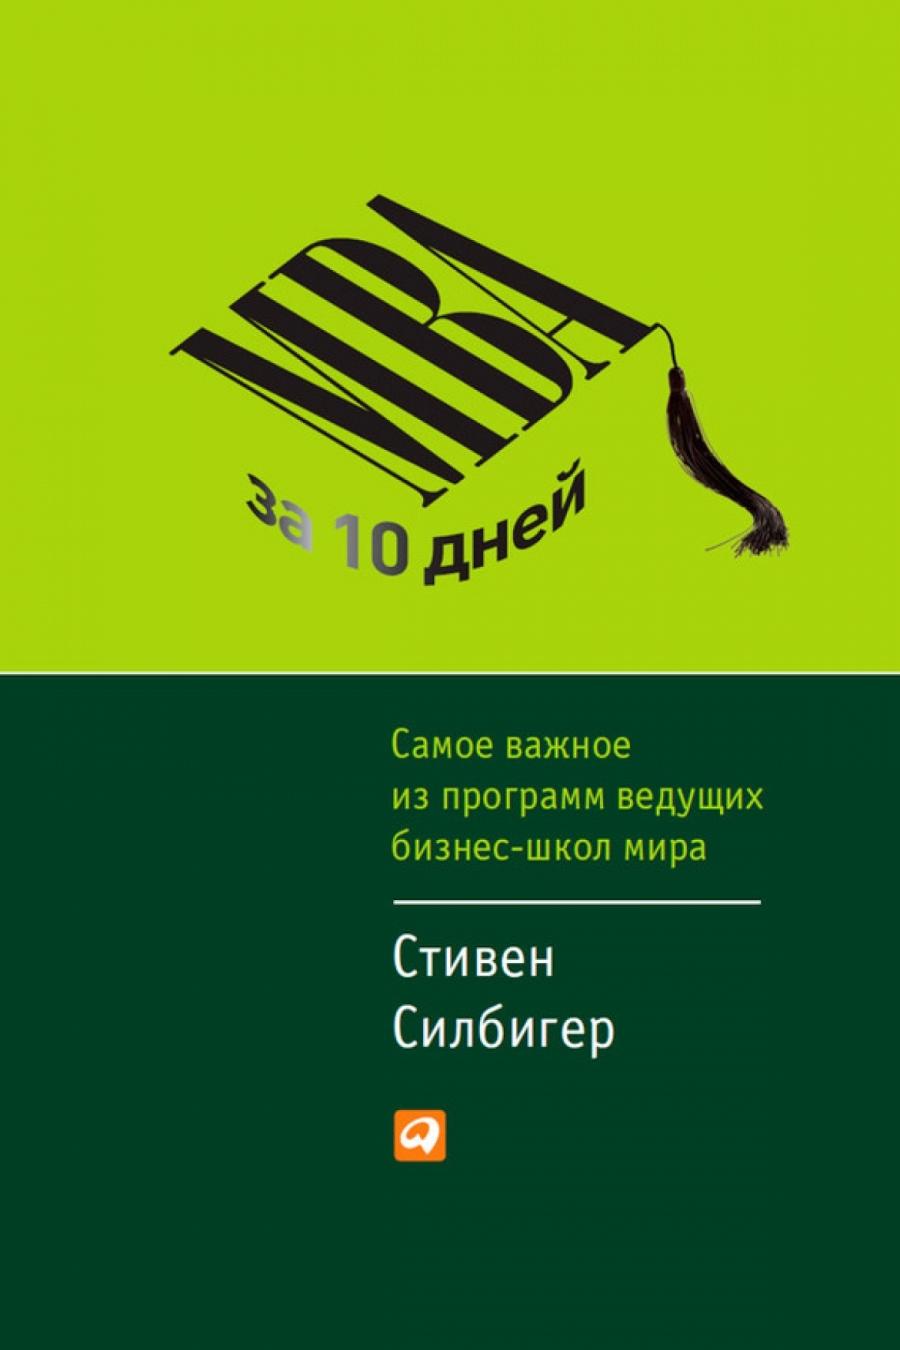 Обложка книги:  стивен силбигер - mba за 10 дней